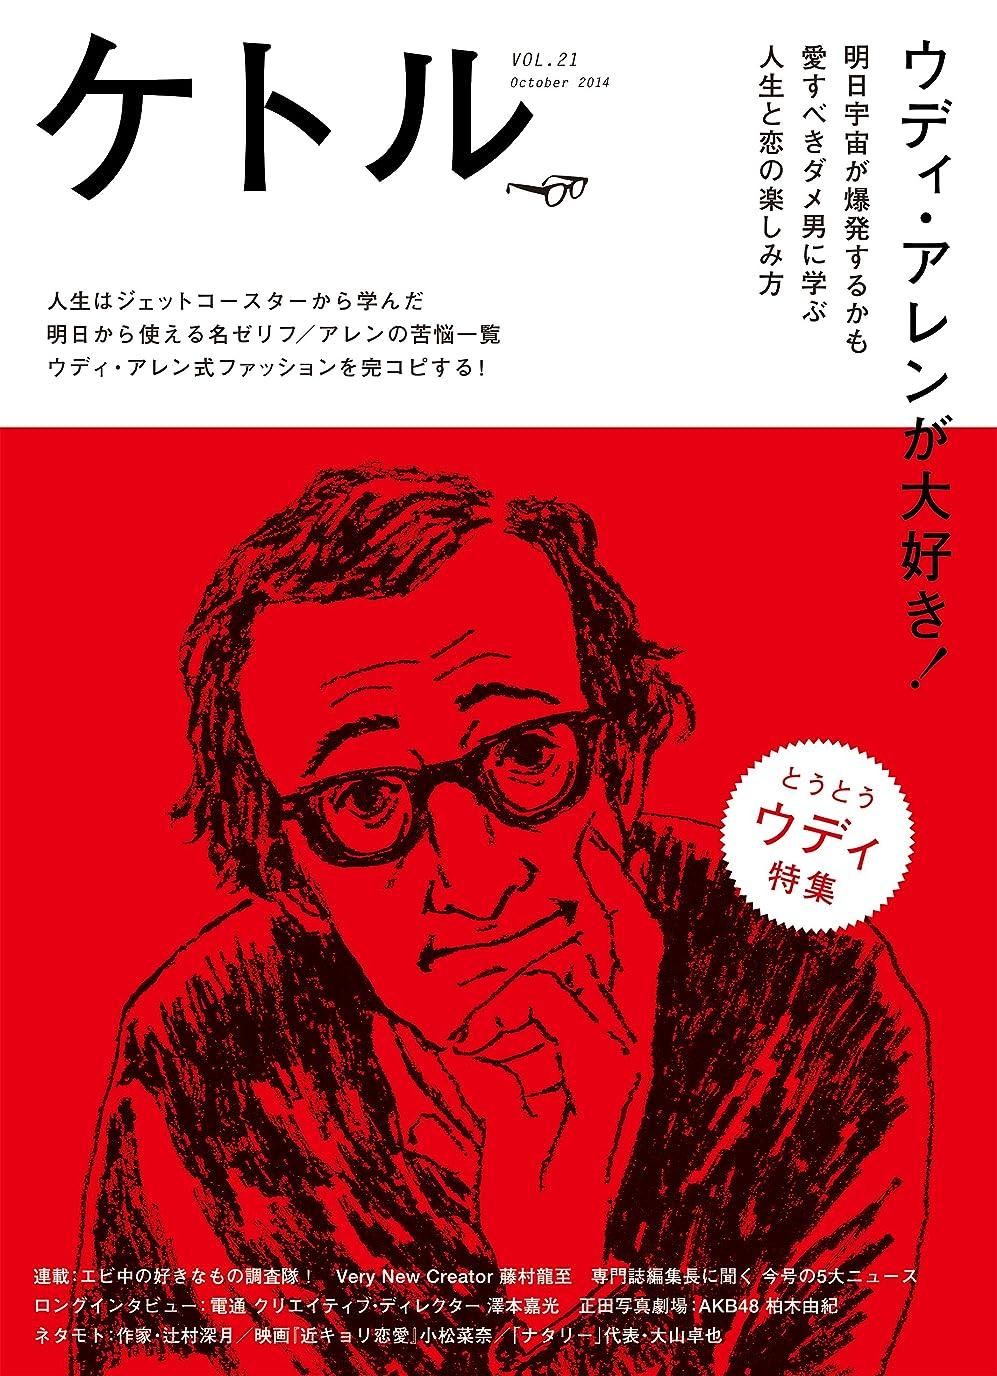 ハイランド申込み巡礼者ケトル Vol.21  2014年10月発売号 [雑誌]